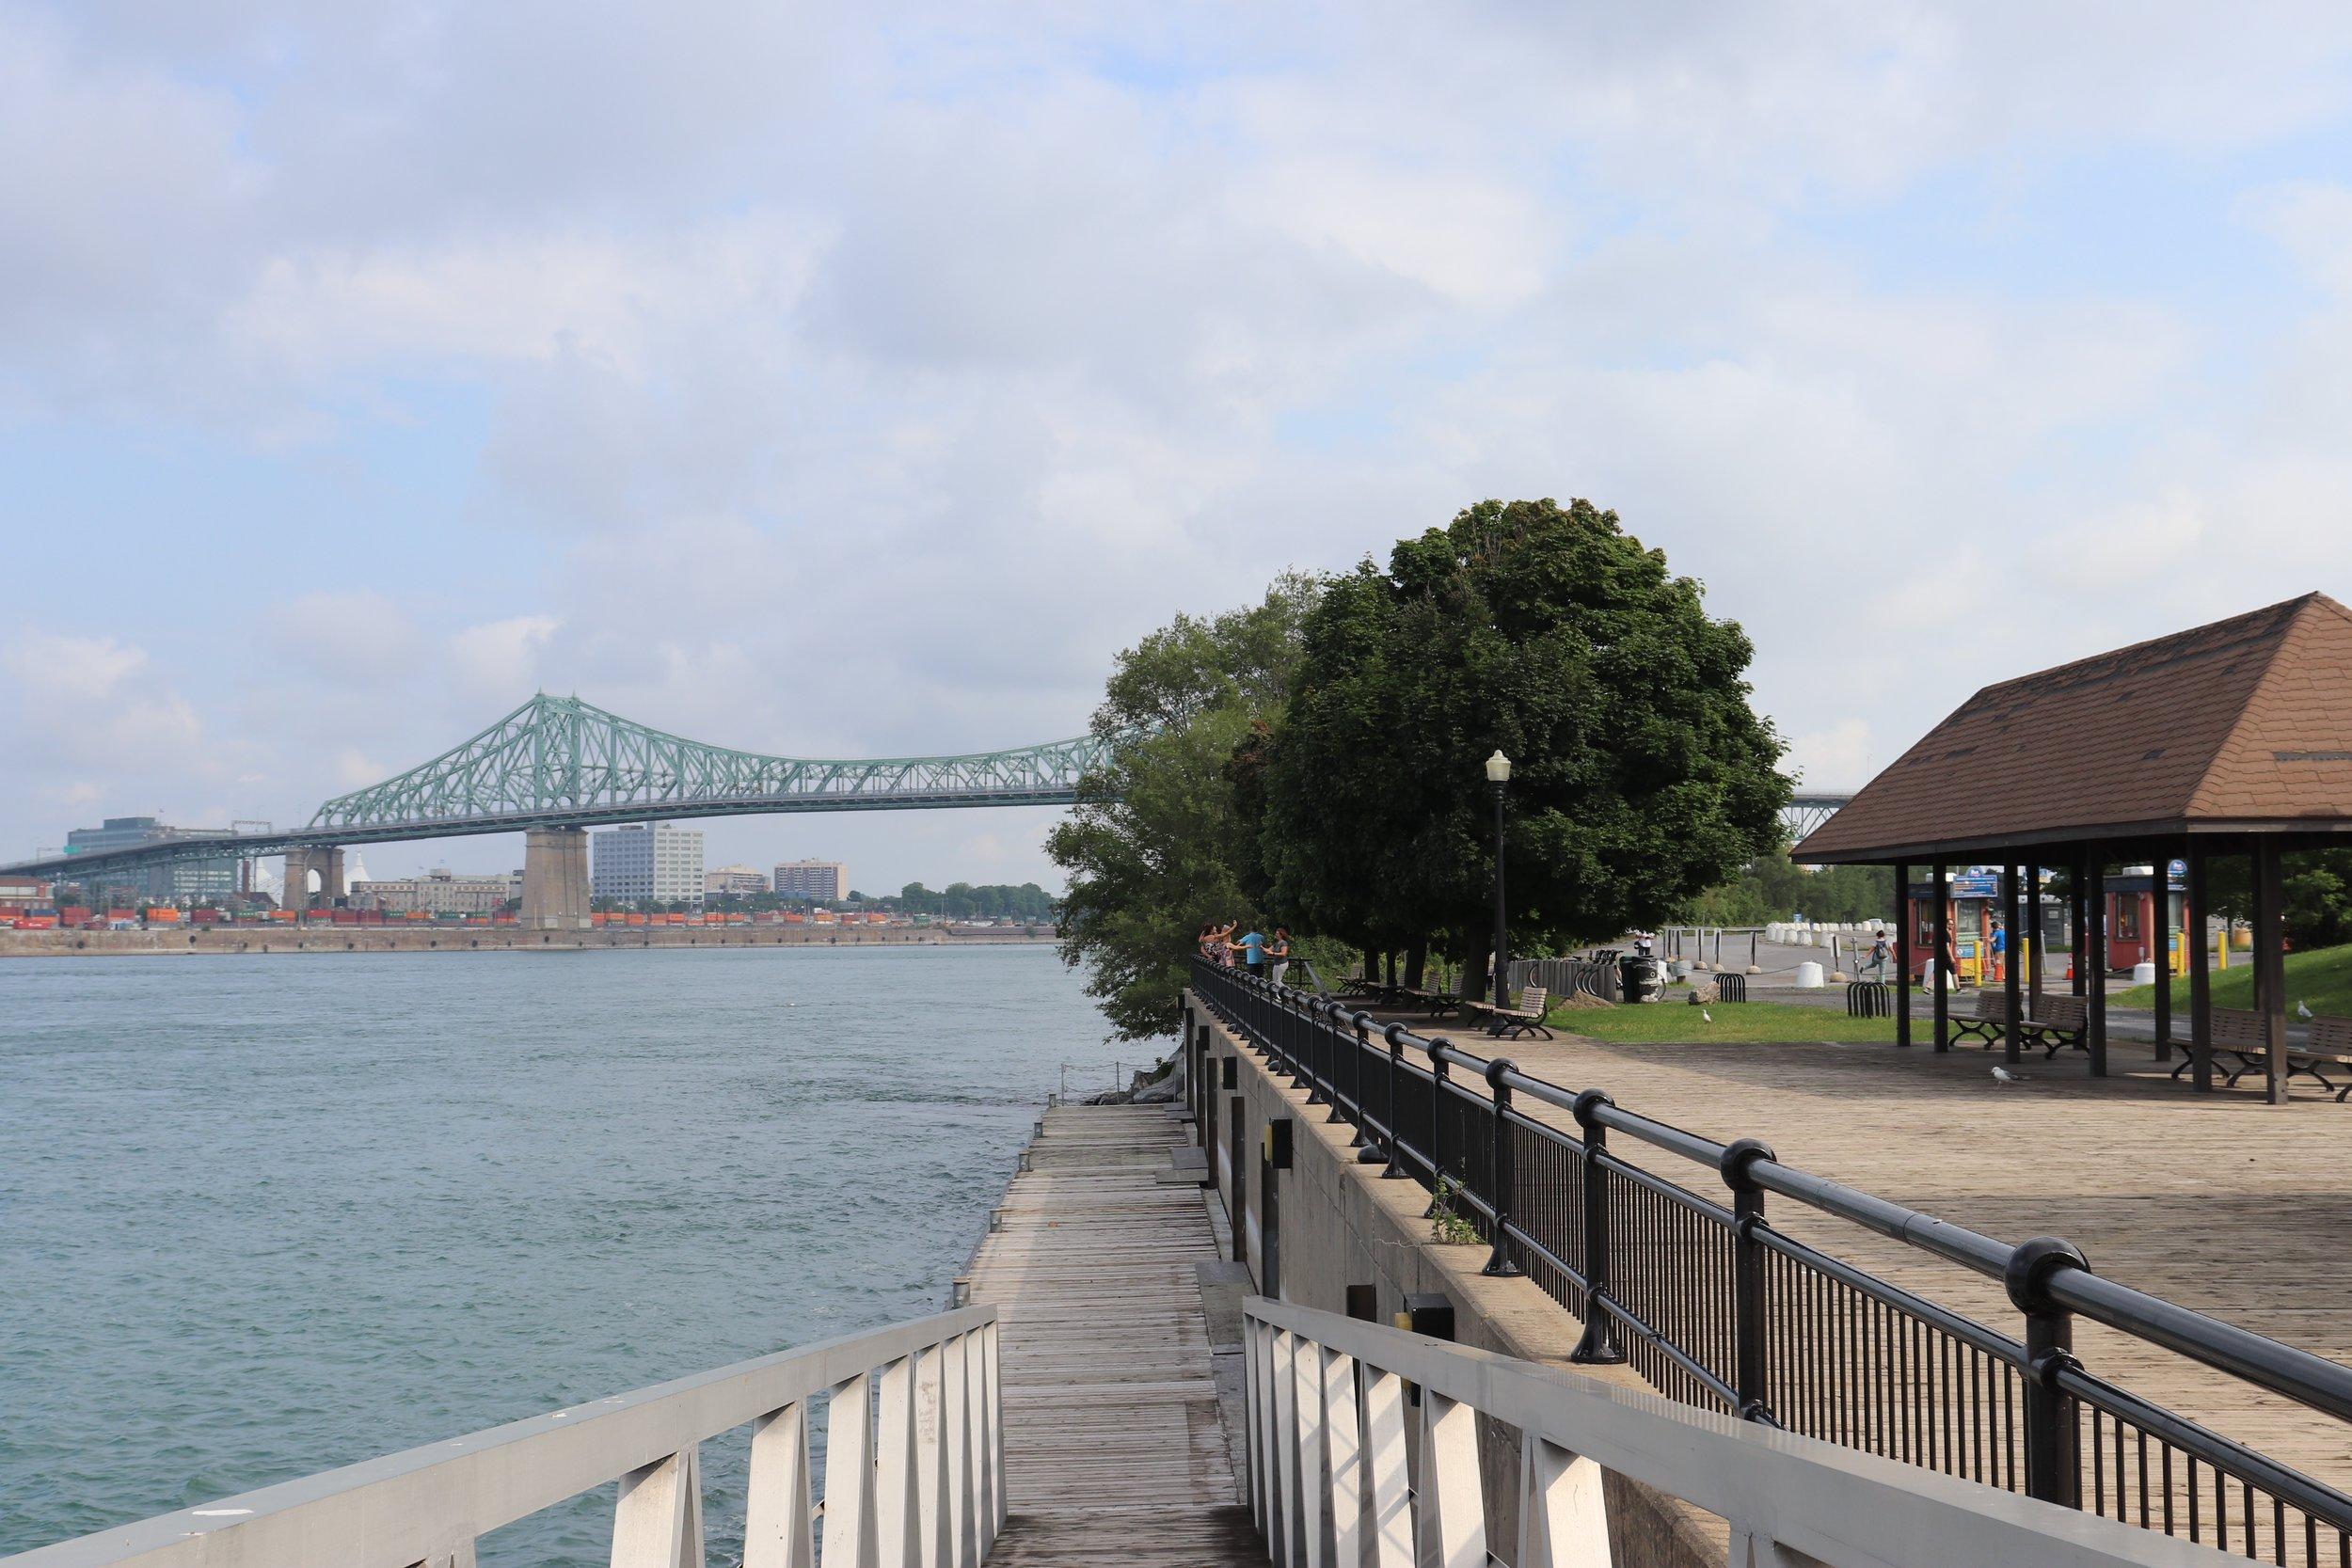 Le quai de la navette fluviale